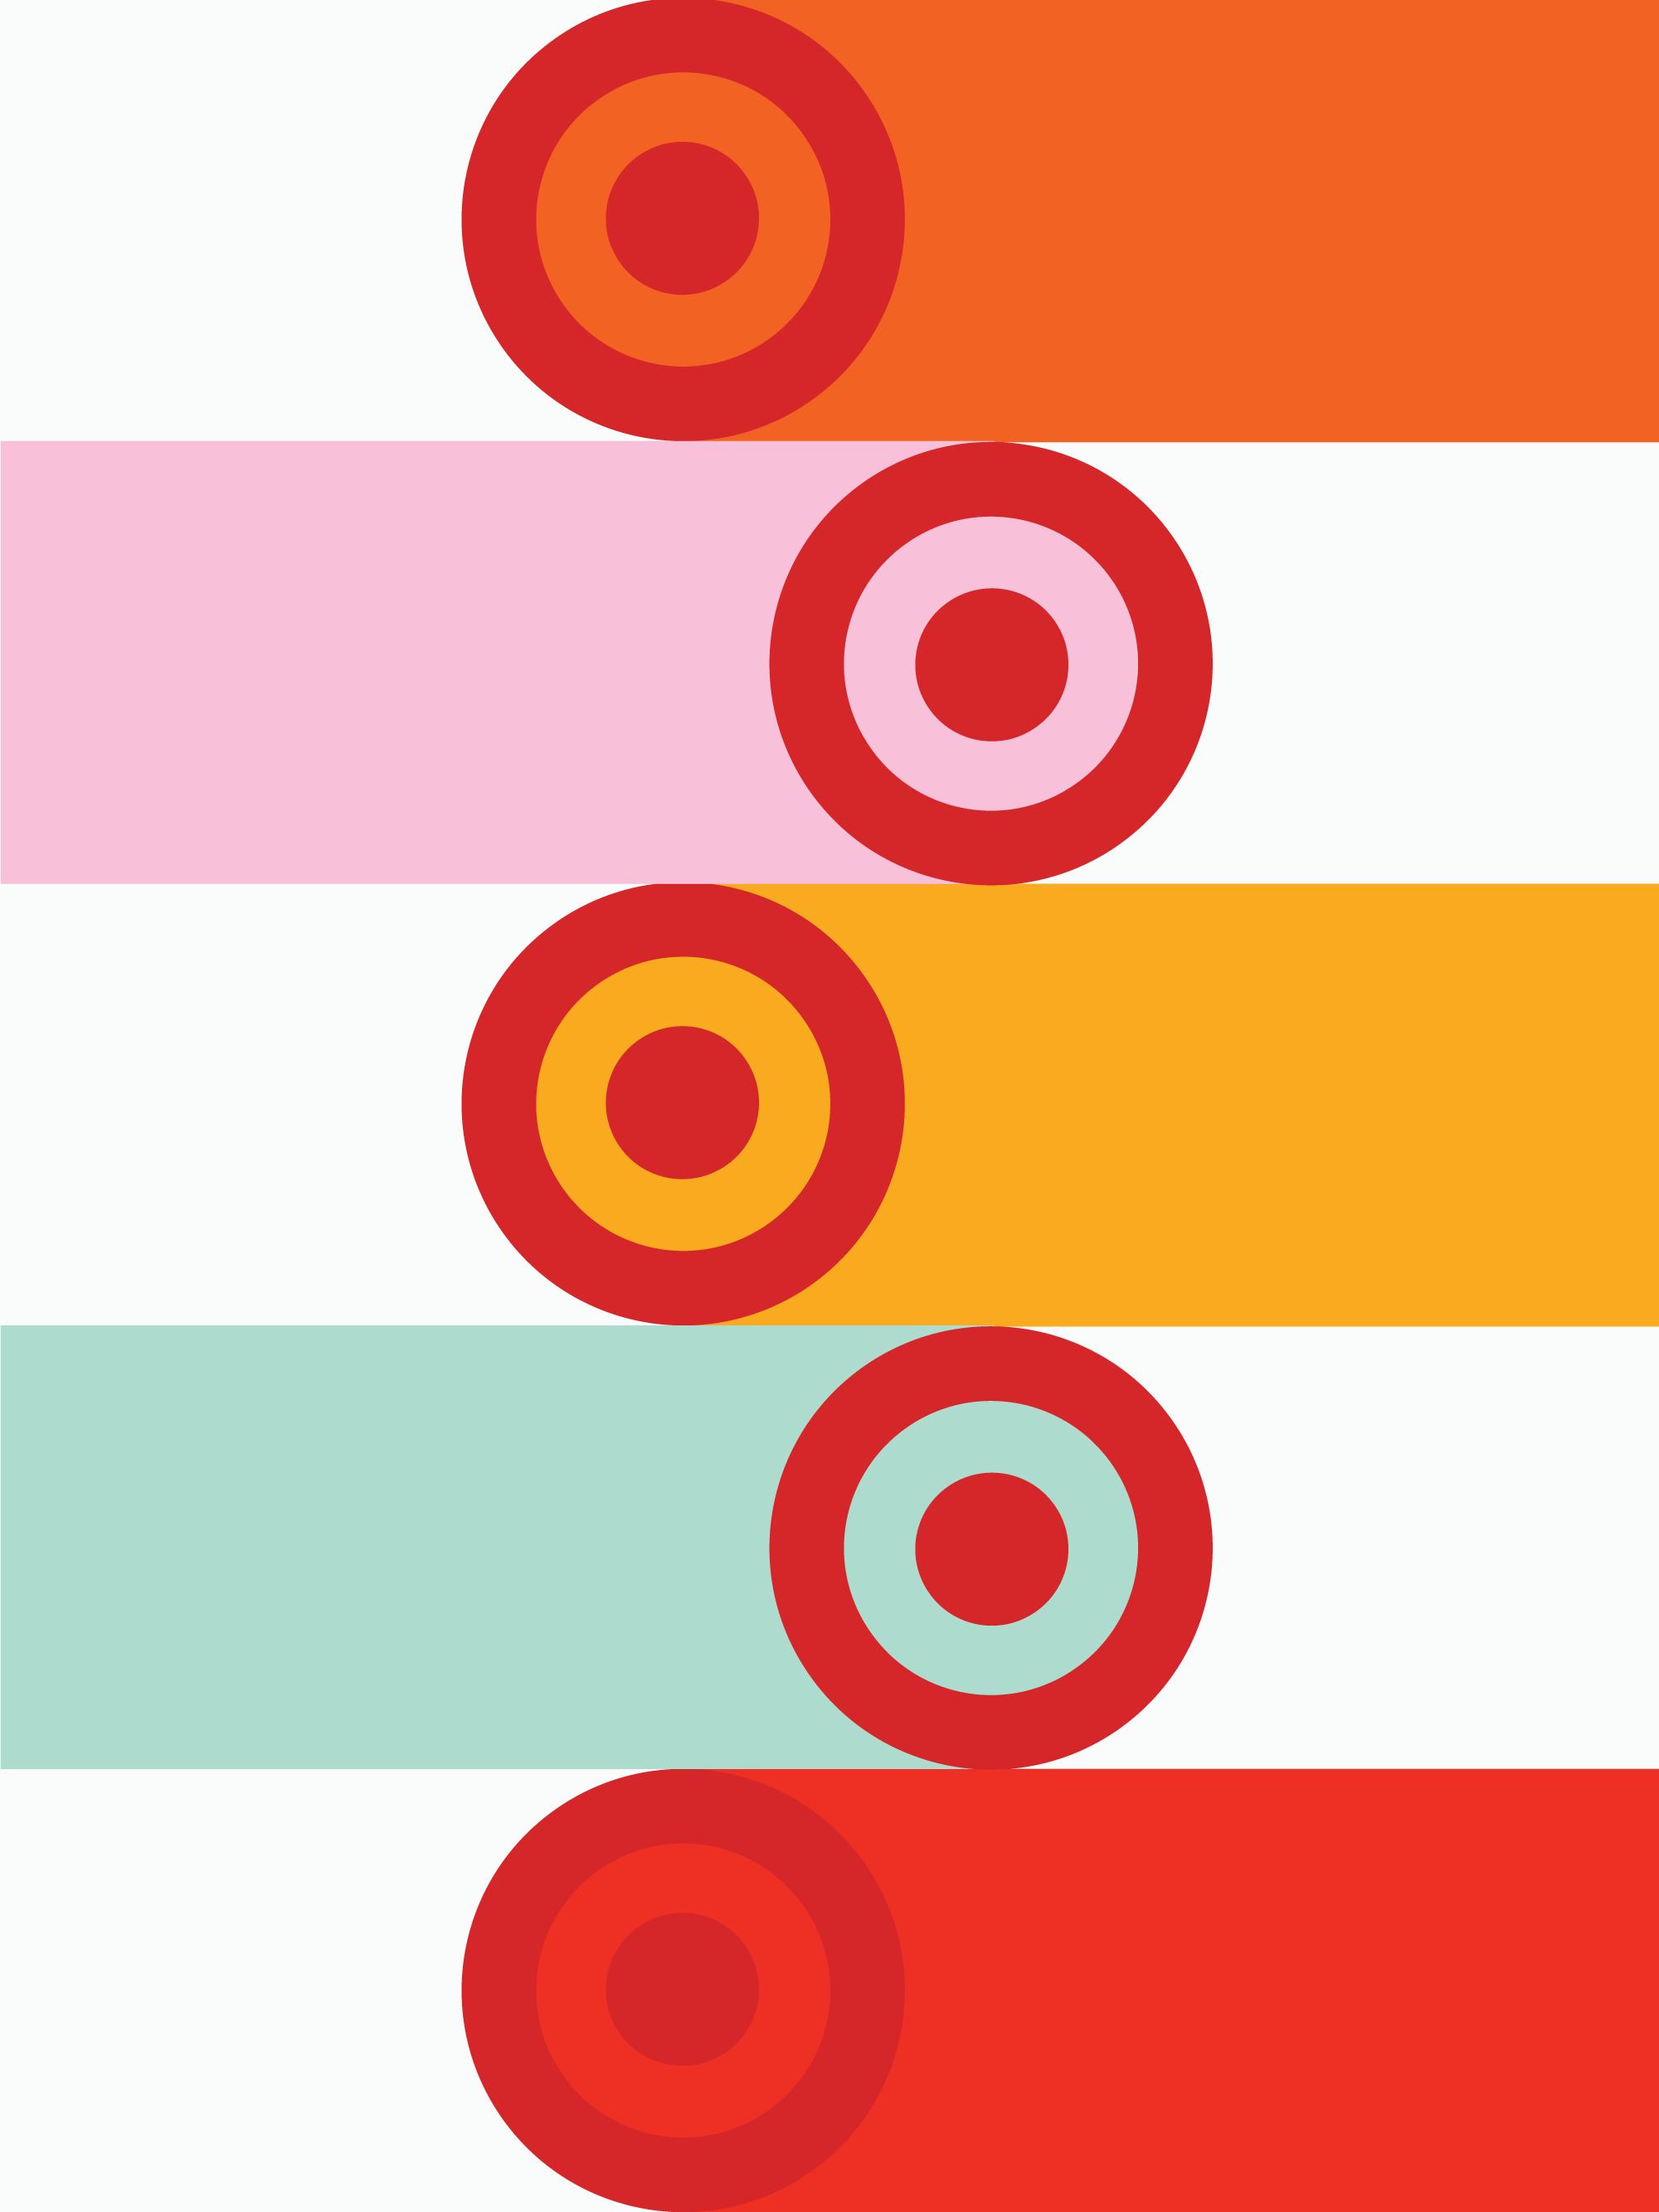 Shape_Color_Art_05-09.png